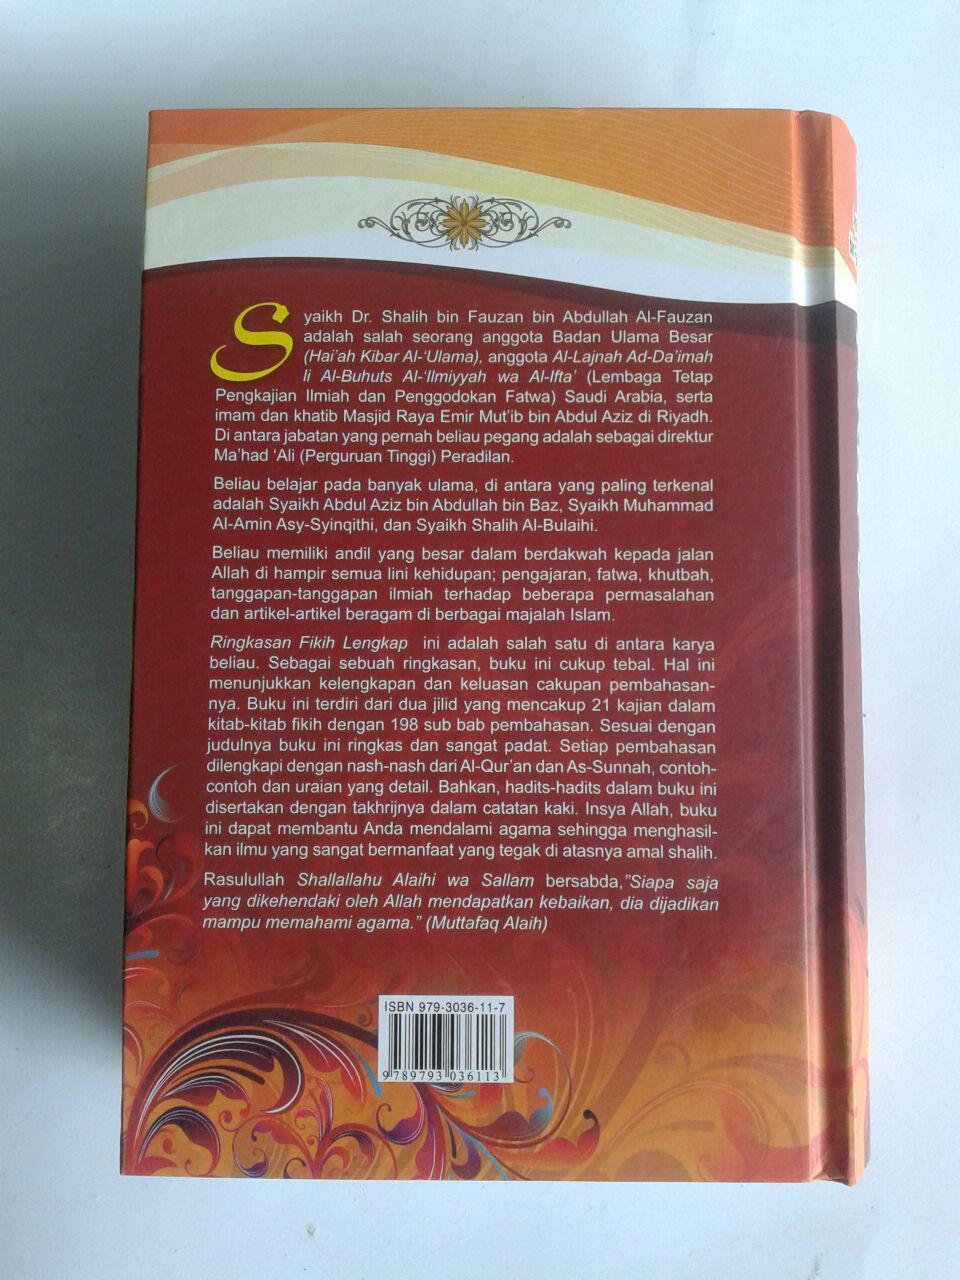 Buku Ringkasan Fikih Lengkap cover